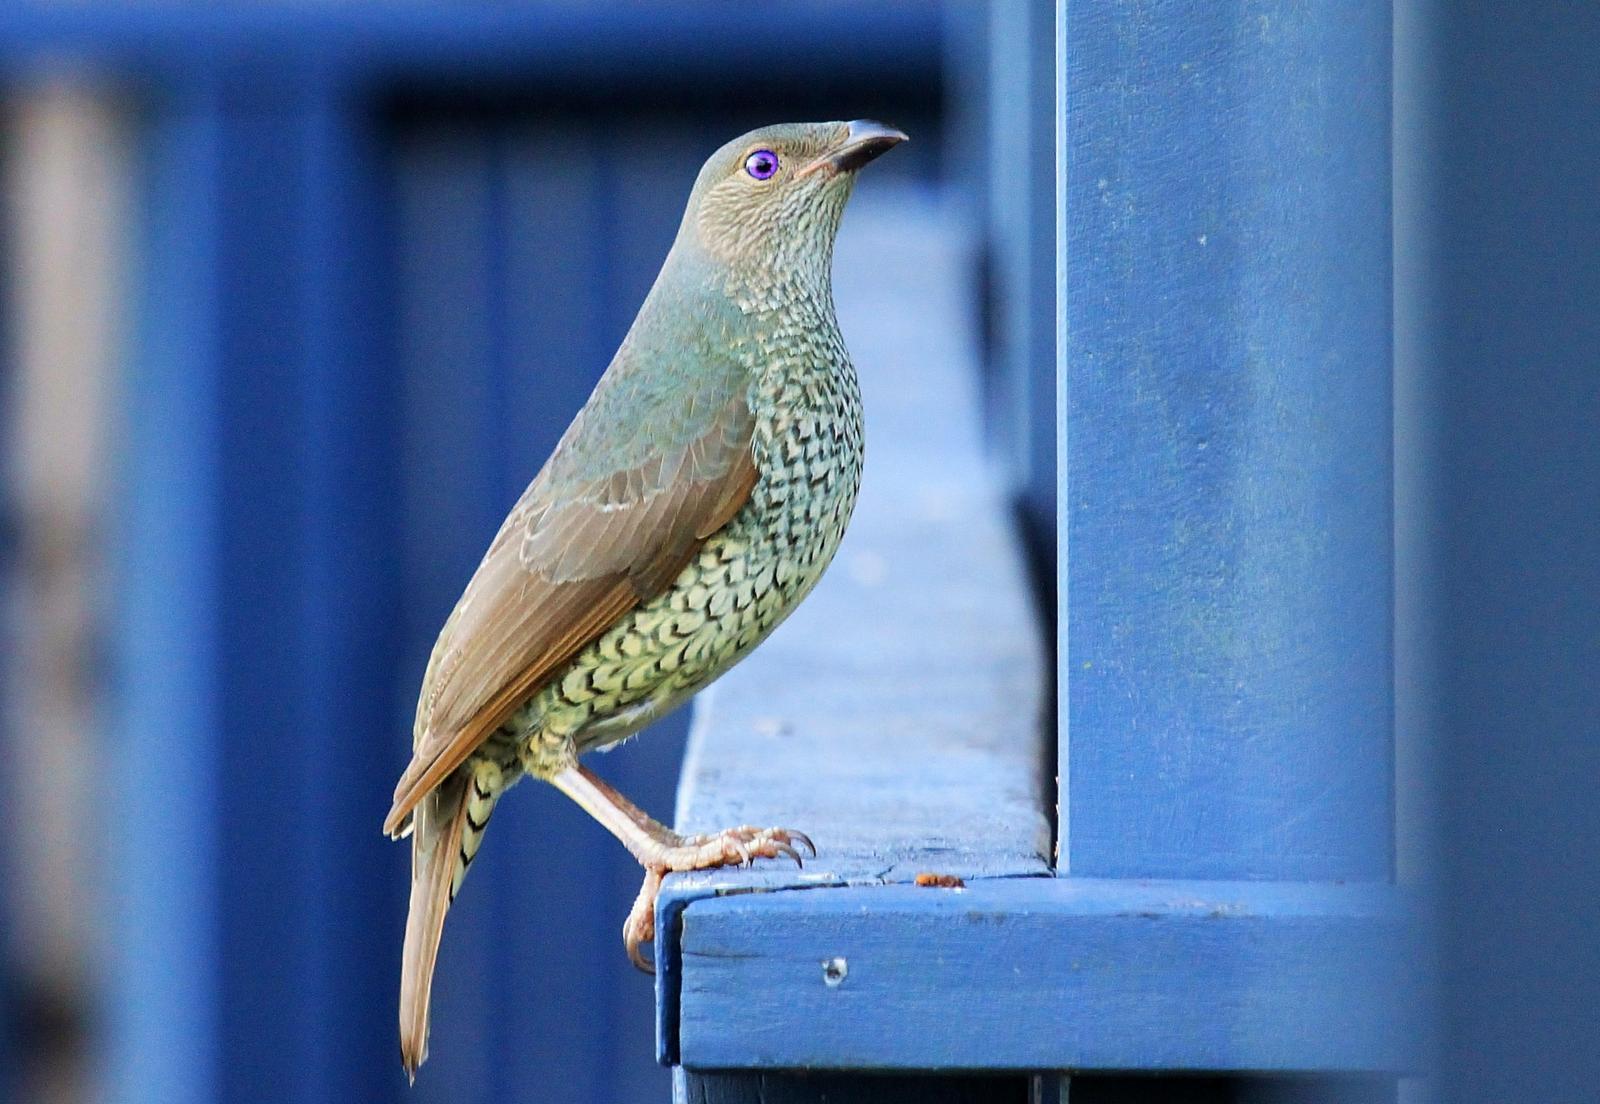 Satin Bowerbird Photo by Matthew McCluskey